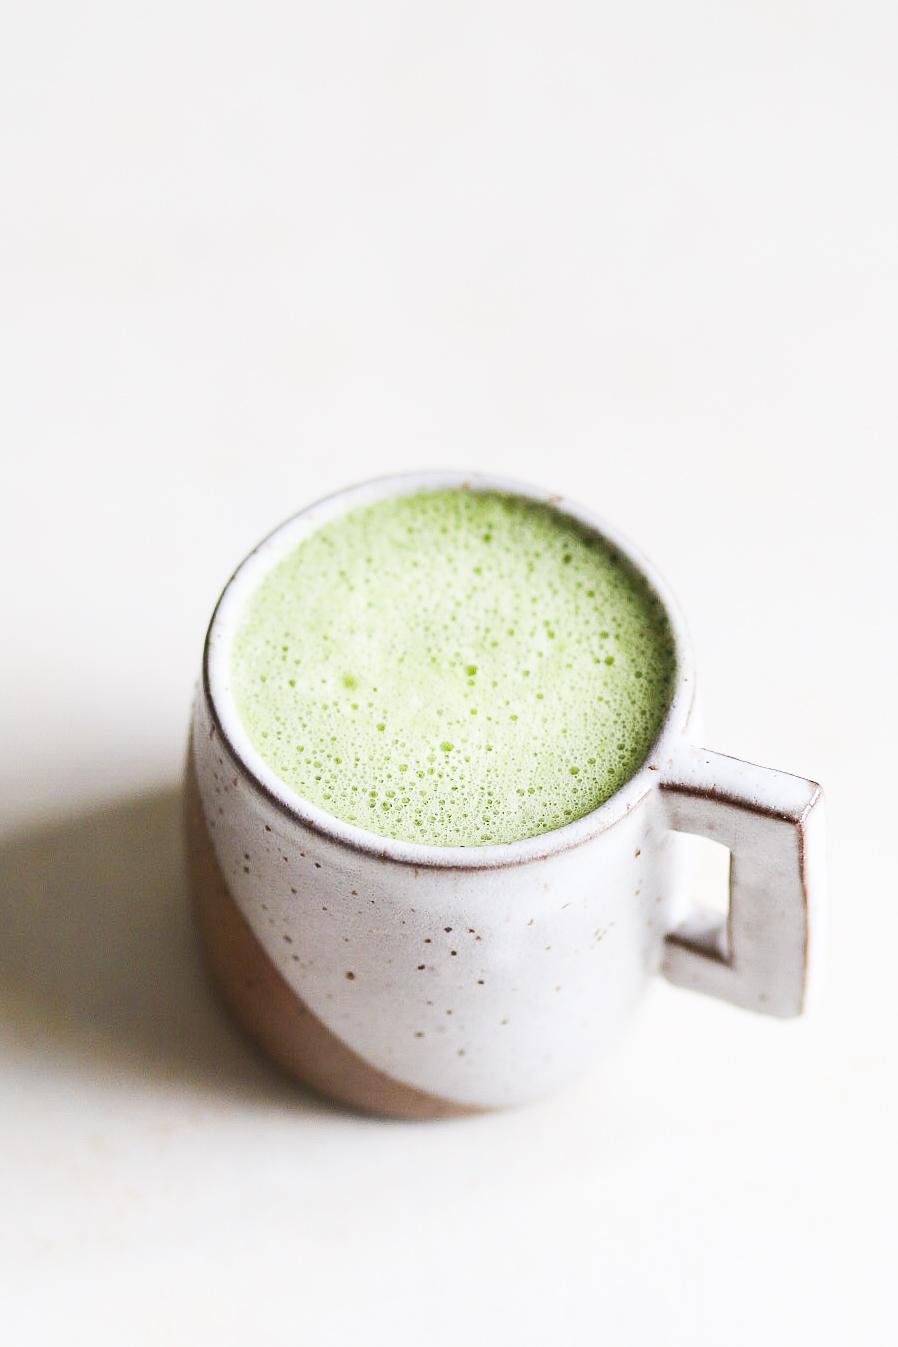 Perfect Matcha Latte | Set the Table #matcha #latte #recipe #cashewmilk #dairyfree #refinedsugarfree #maplesyrup #greentea